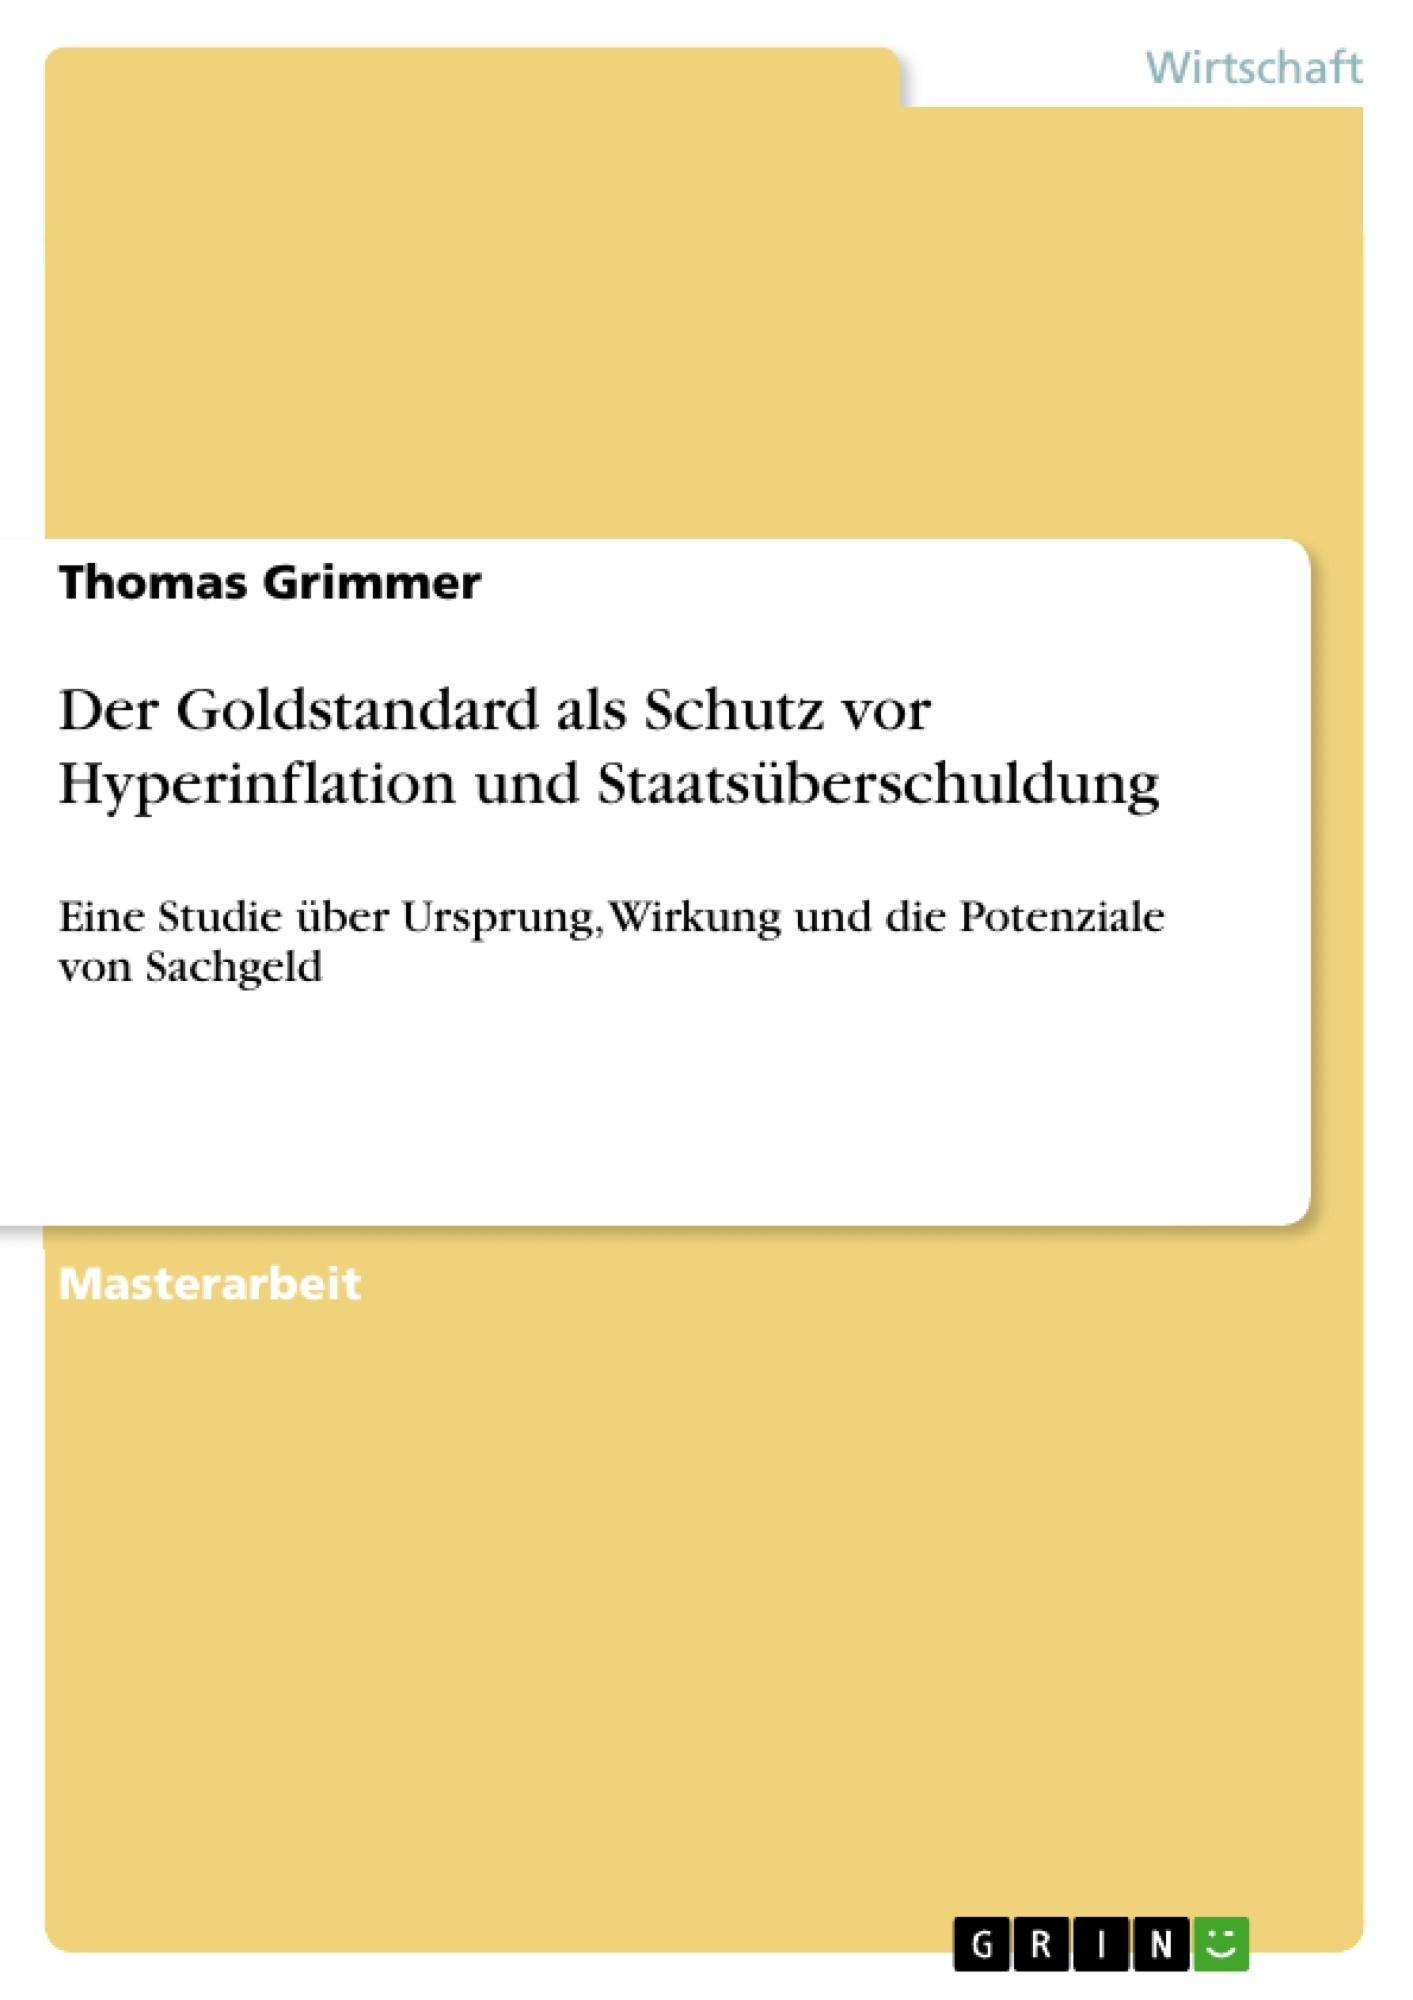 Titel: Der Goldstandard als Schutz vor Hyperinflation und Staatsüberschuldung